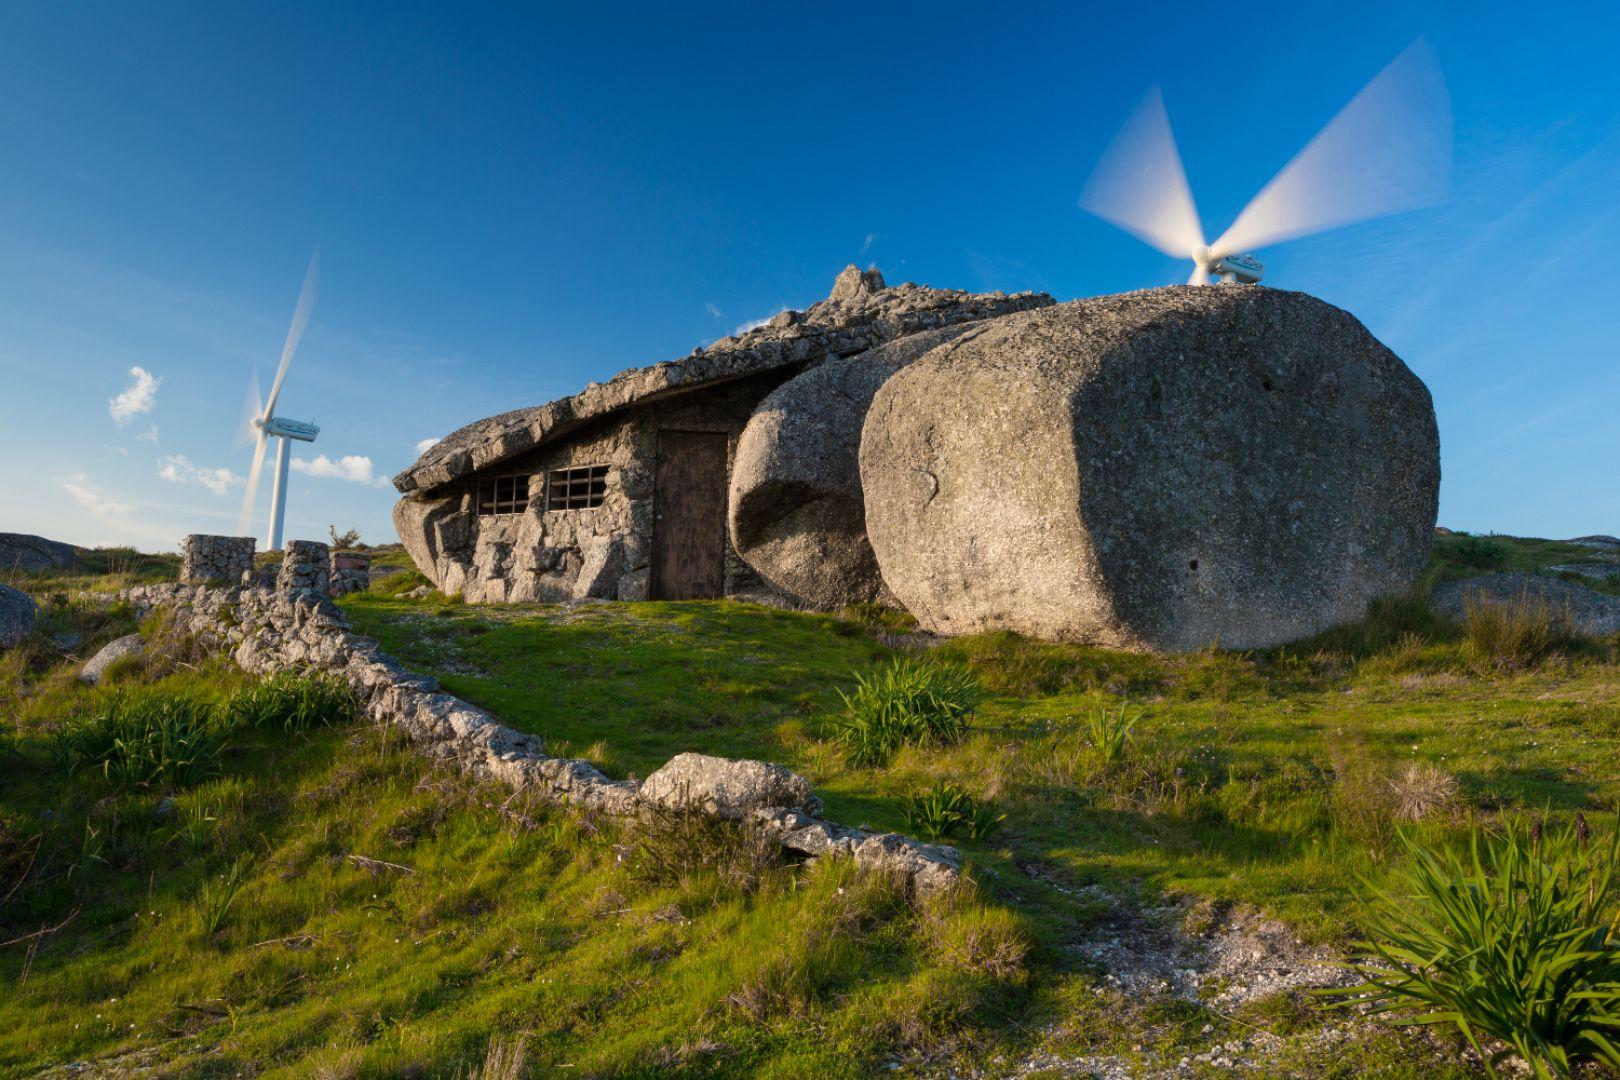 Klimat prehistorycznej epoki Casa do Penedo zawdzięcza również temu, że w domu nie ma elektryczności. Wnętrza oświetlane są wyłącznie świecami i ogniem kominka. Fot. Shutterstock